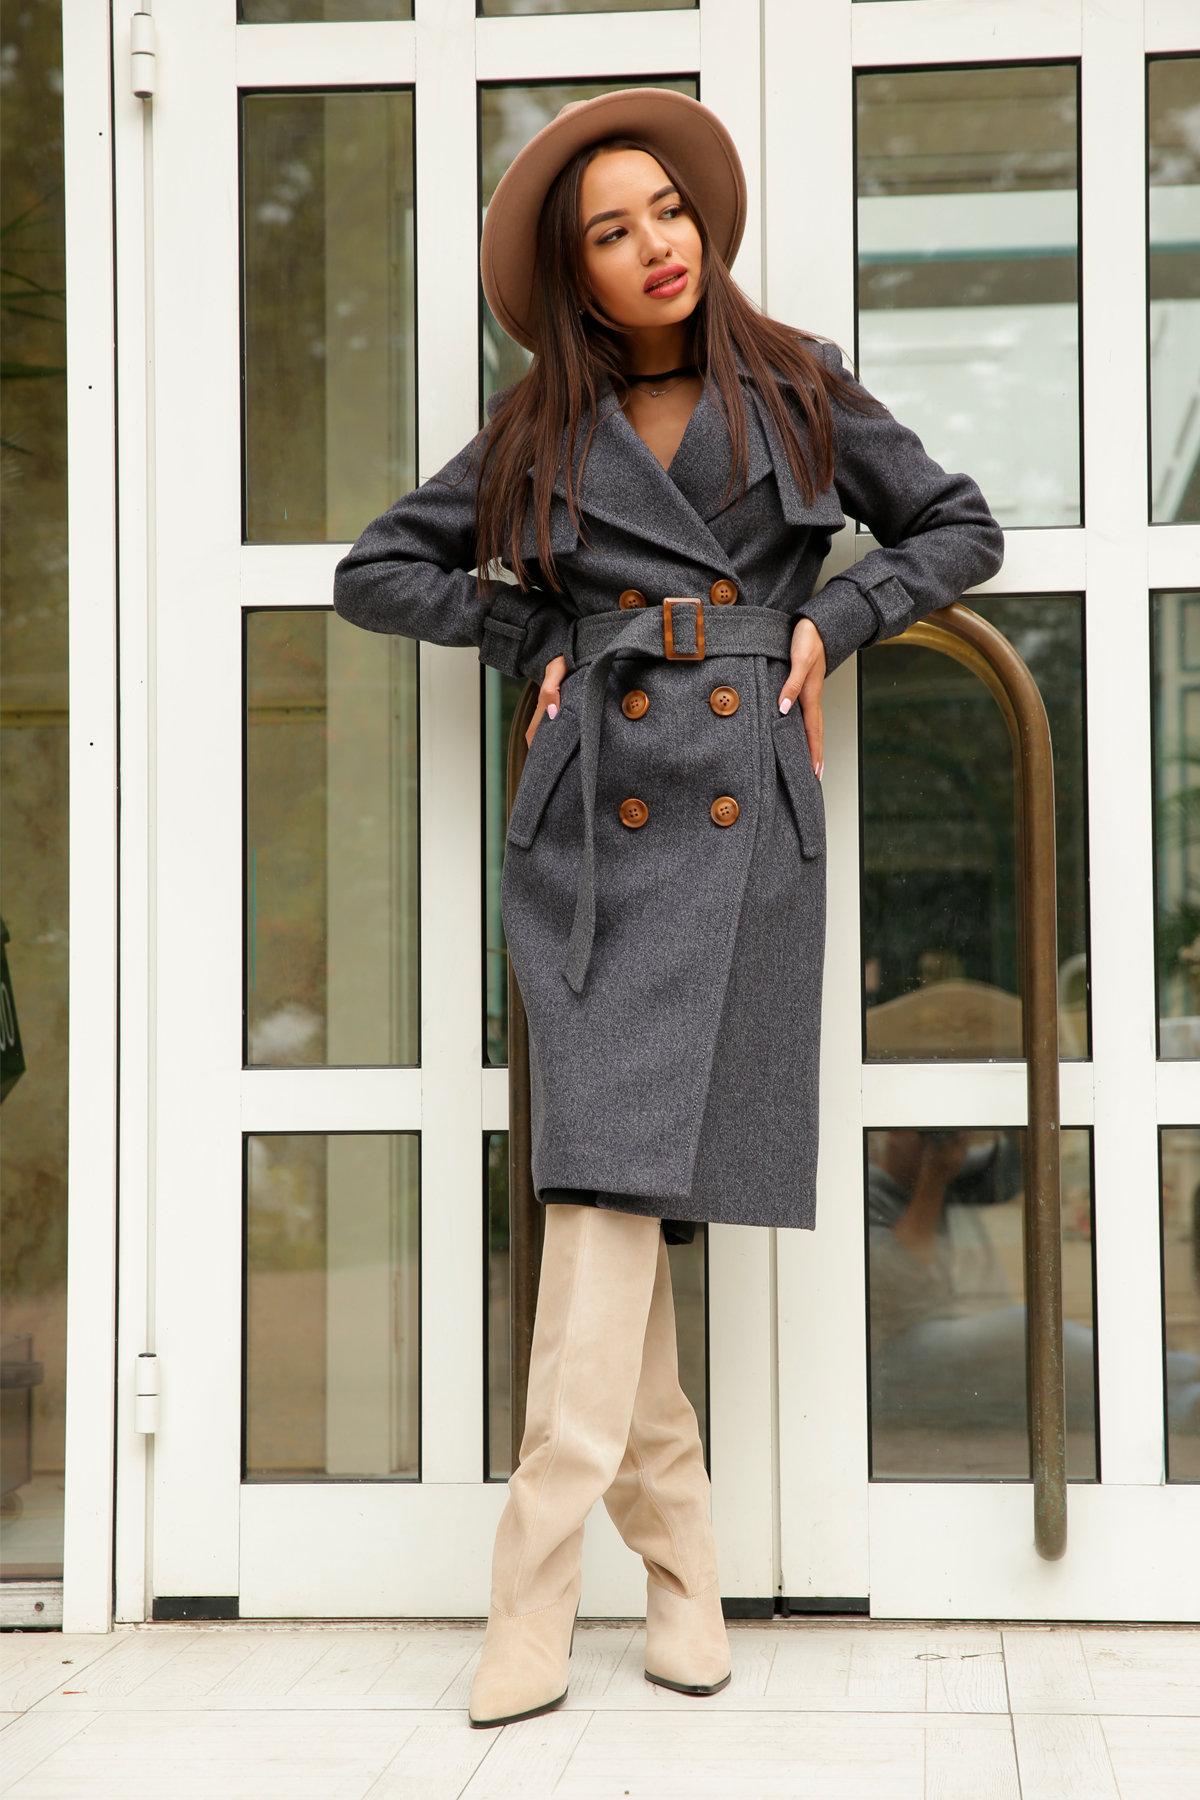 Двубортное пальто демисезон Монте 8089 АРТ. 44032 Цвет: т. синий 543 - фото 12, интернет магазин tm-modus.ru